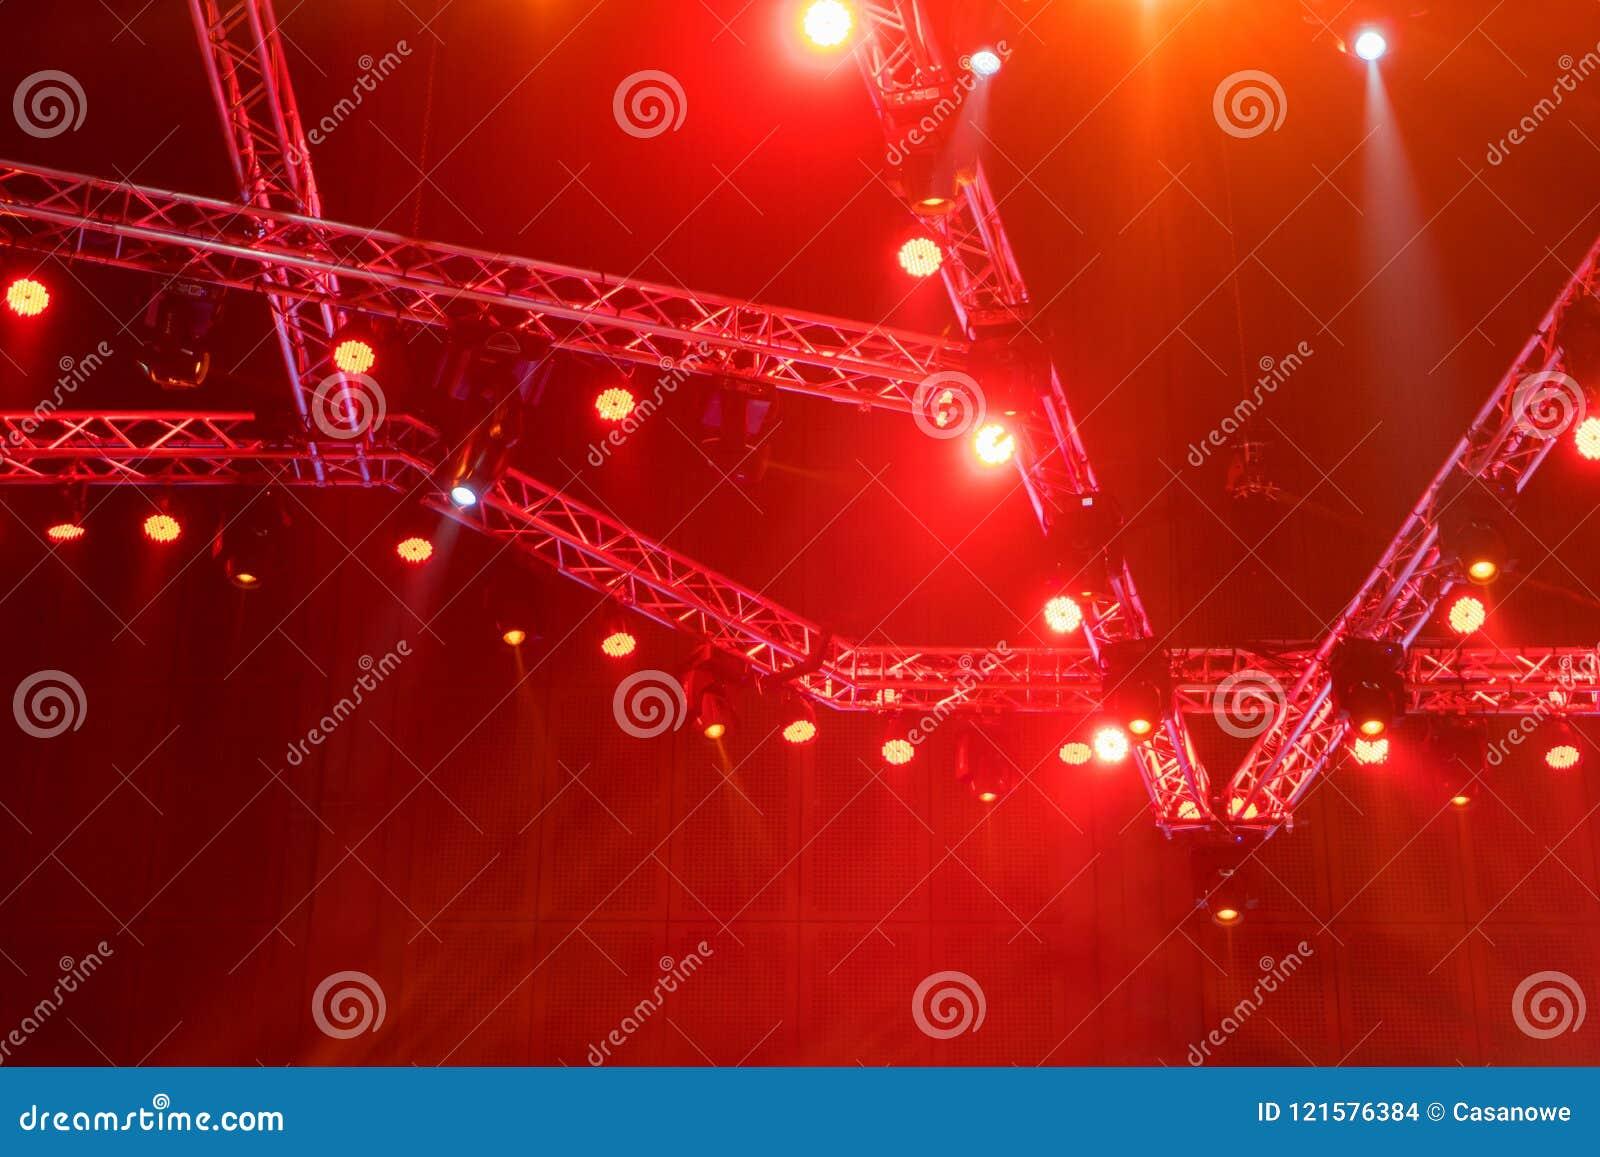 Encene luzes no concerto ou o equipamento de iluminação com raios do laser seja